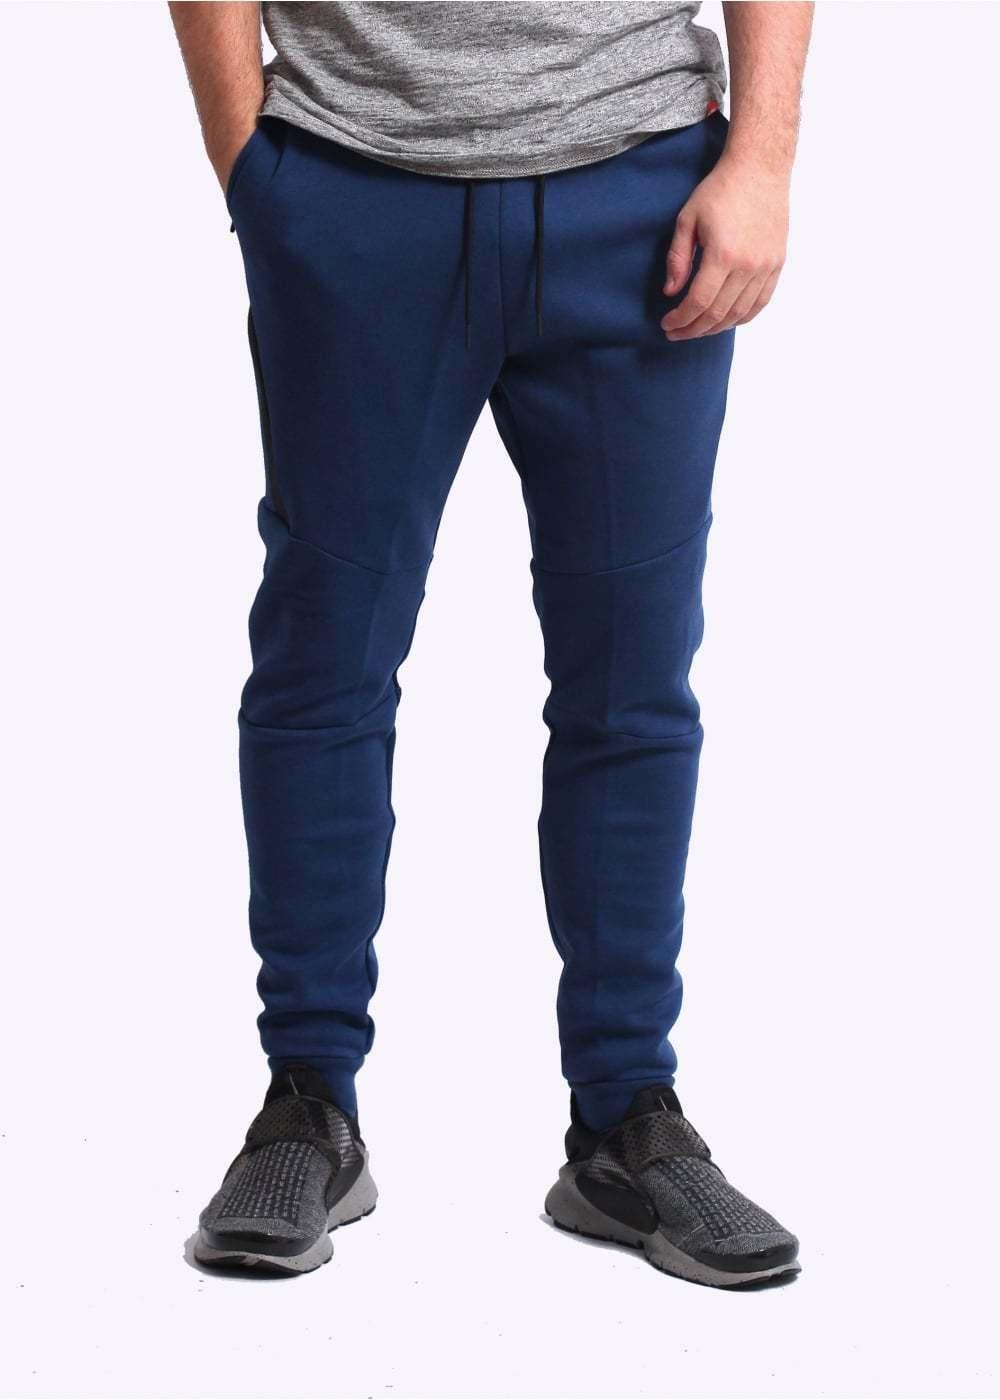 New NIKE Men's Sportswear Modern Jogger Sweatpants bluee 805154 423 size  XXL